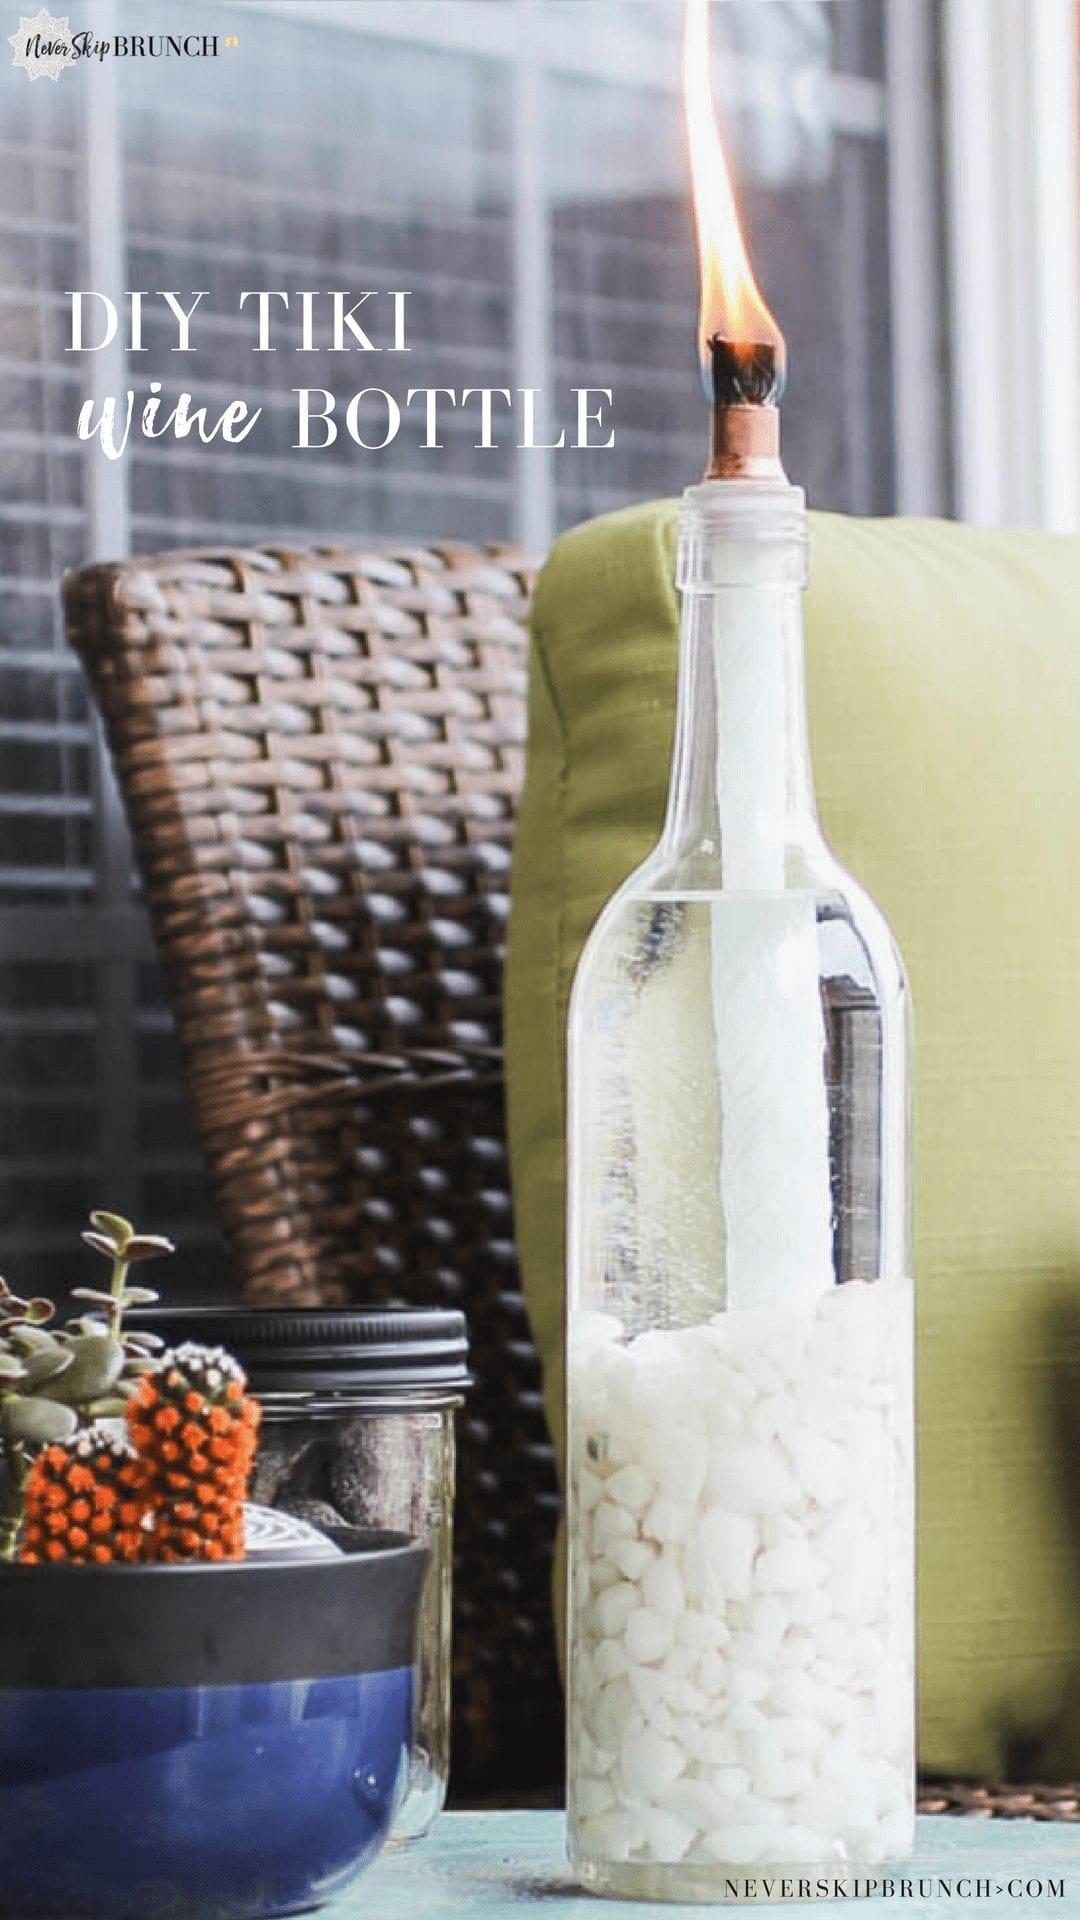 wine bottle crafts diy ideas tiki torches | tiki wine bottle | DIY tiki torch | wine bottle craft | reuse wine bottle | patio decor | recycle wine bottle | Never Skip Brunch by Cara Newhart #wine #patio #neverskipbrunch